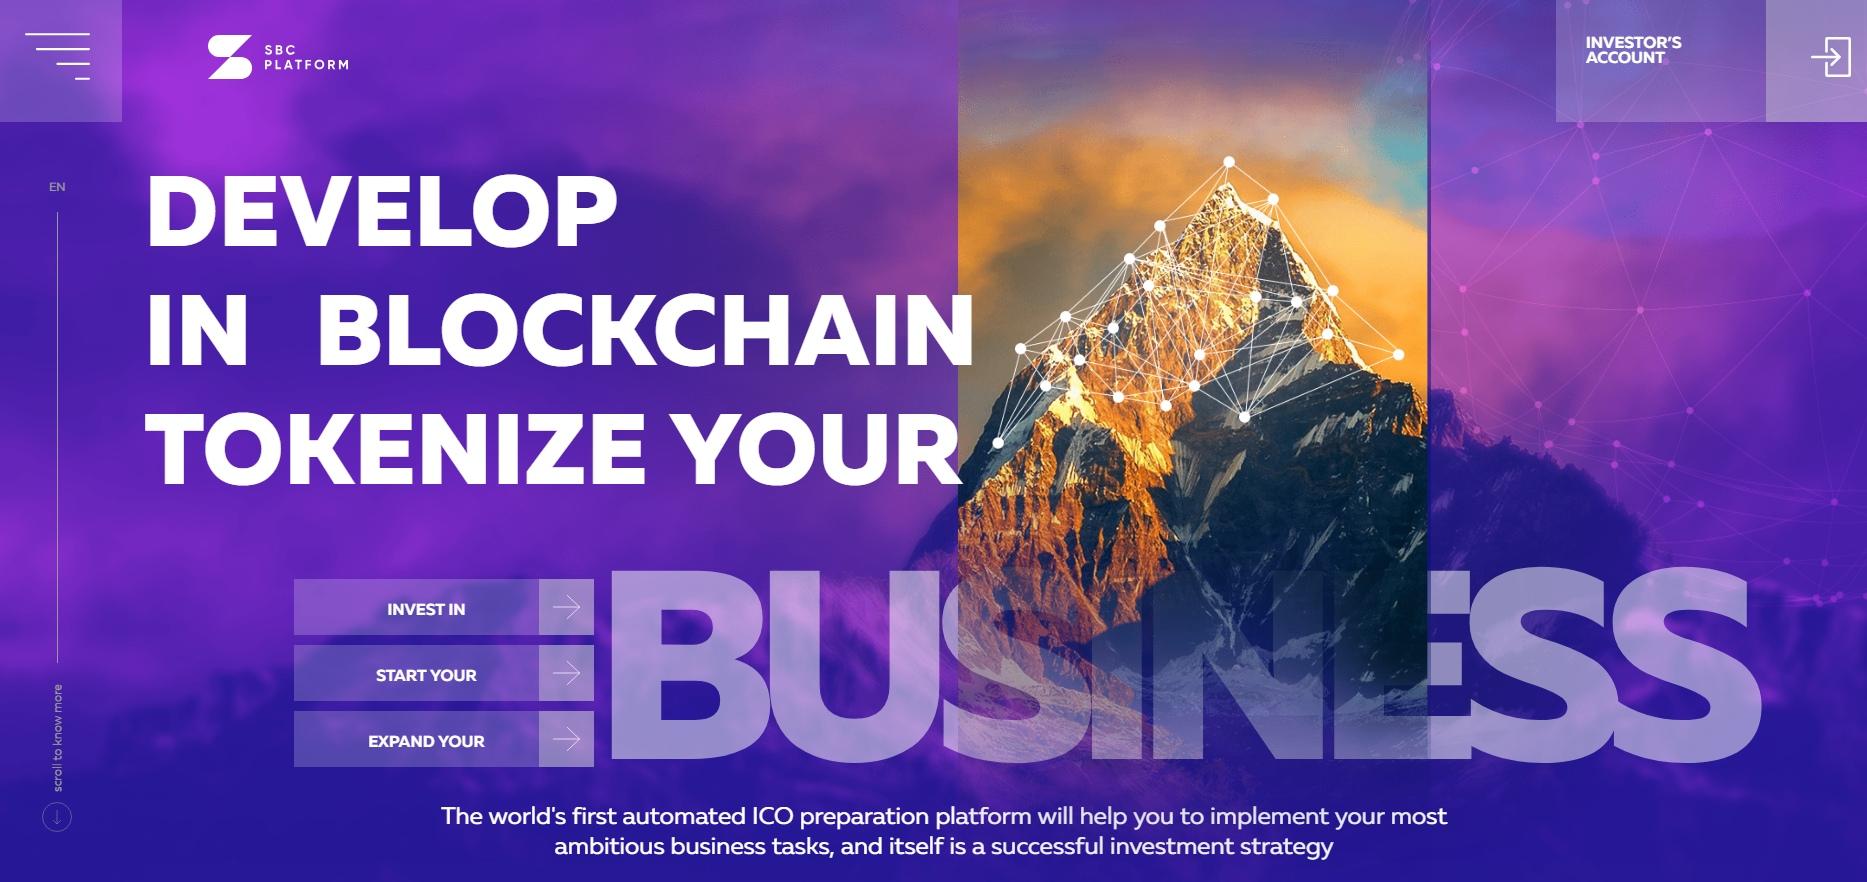 Новый сайт компании SBC Platform